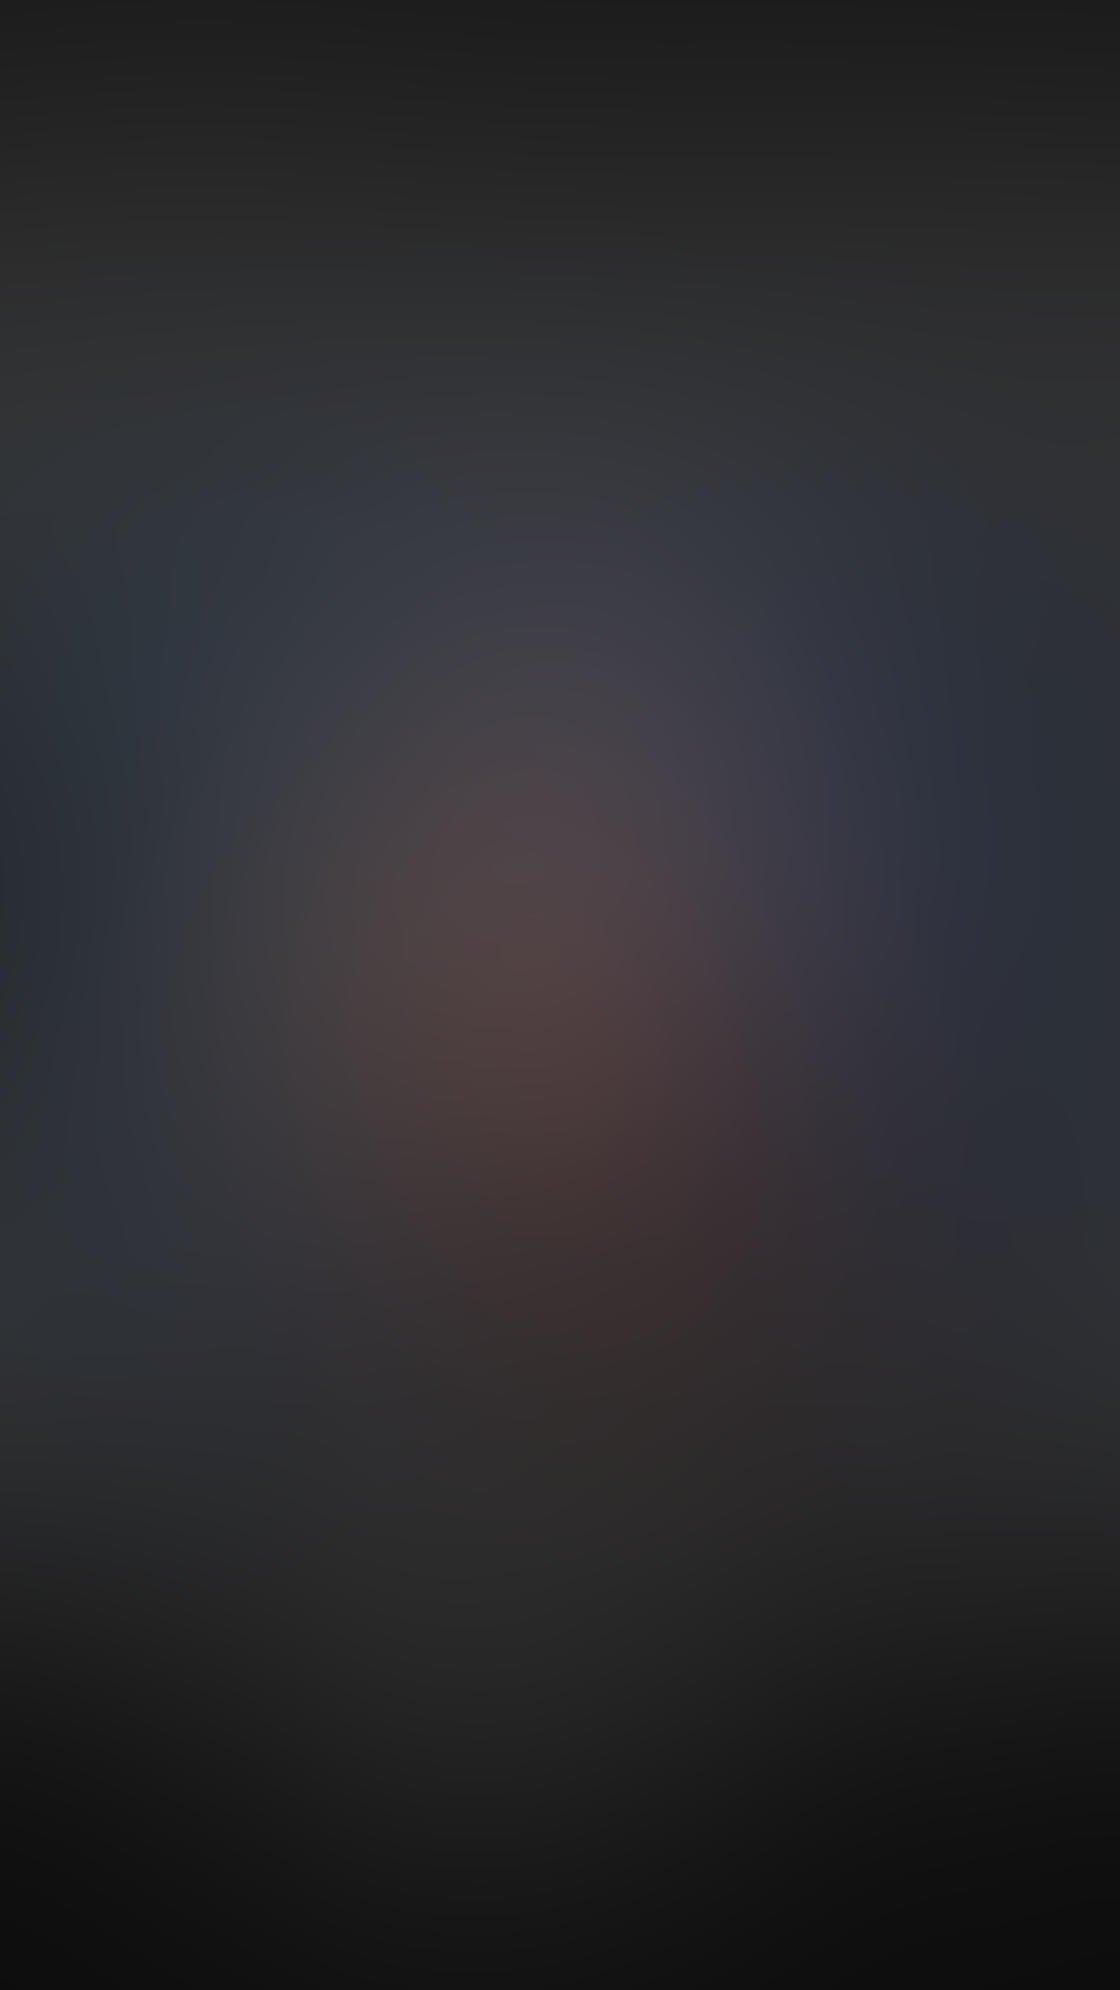 Photoshop Fix iPhone App 3